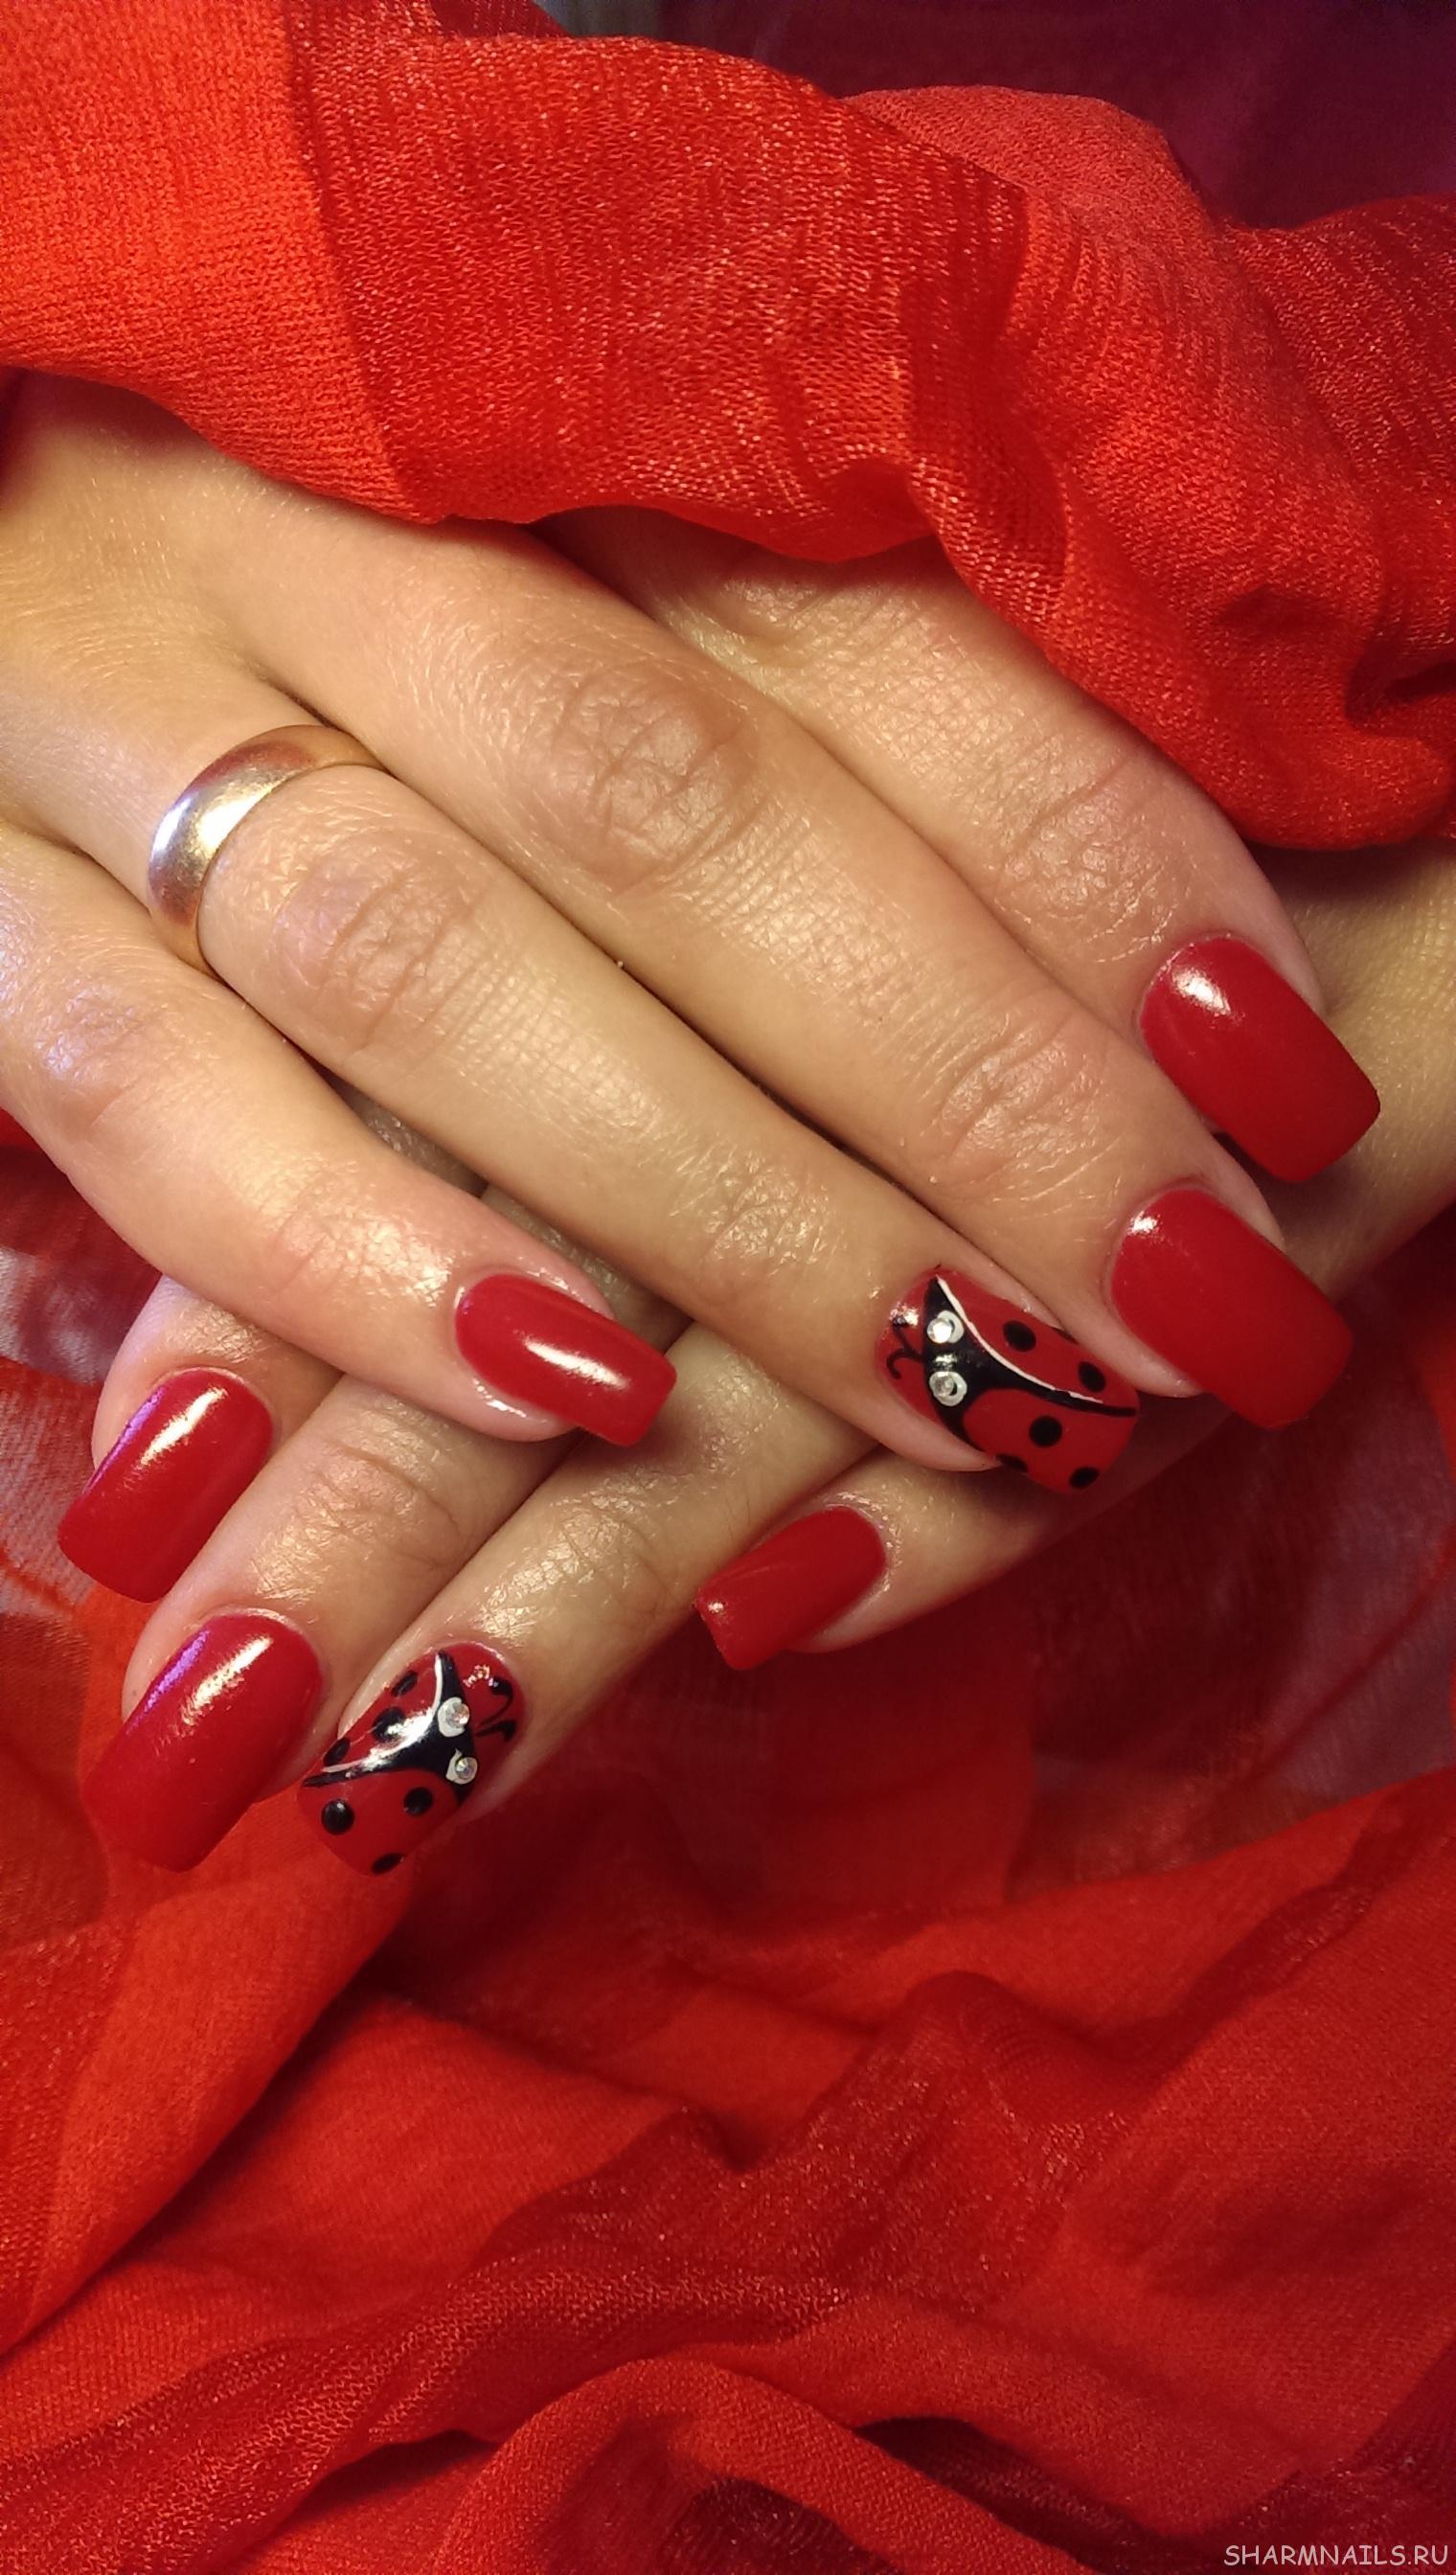 Наращивание ногтей цвет красный фото и